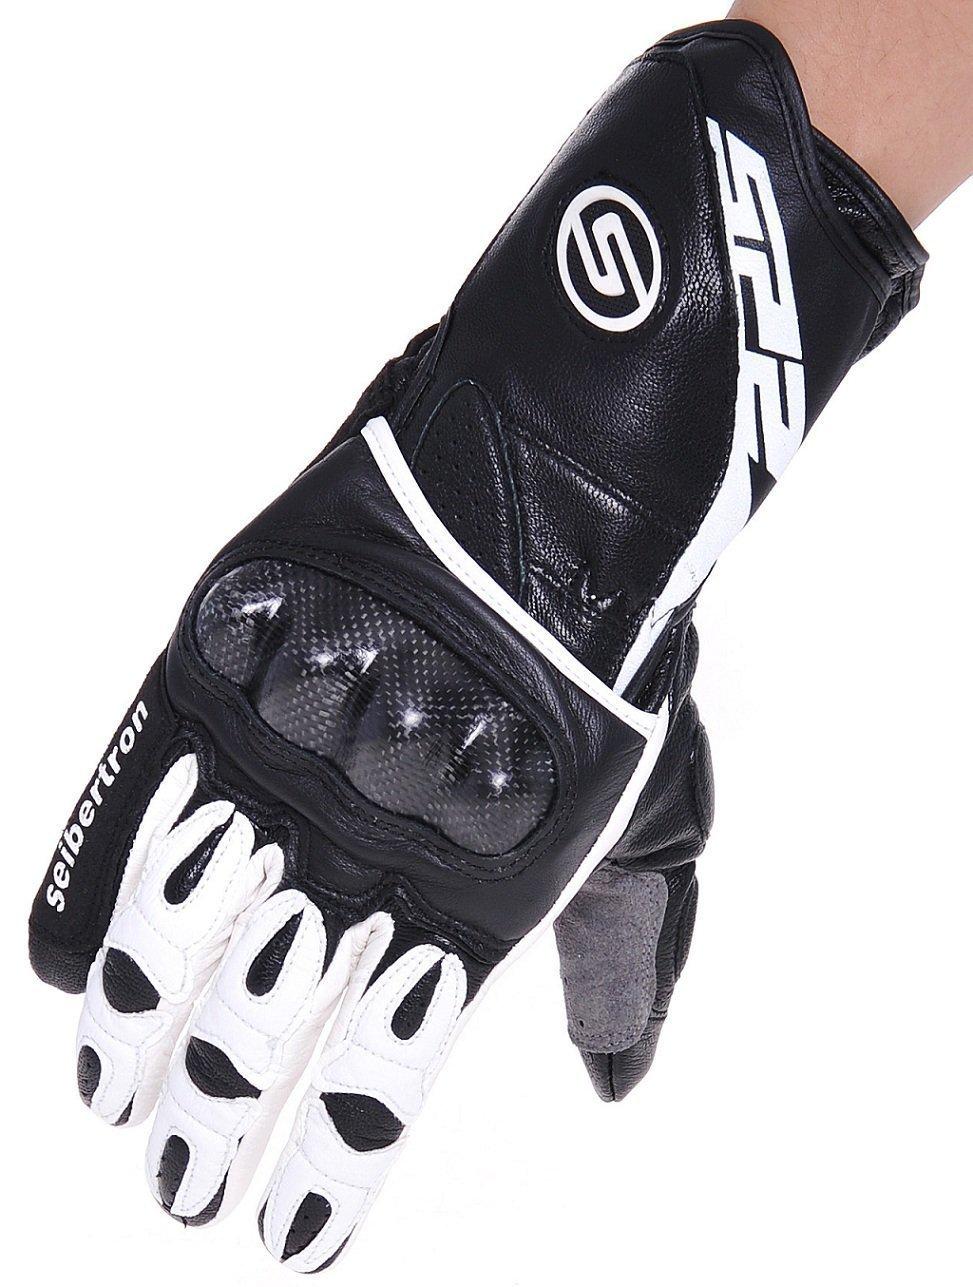 Seibertron Guanti Professionali SP-2 Neri da motociclista in pelle Anti-vento/Pioggia. Ltd.